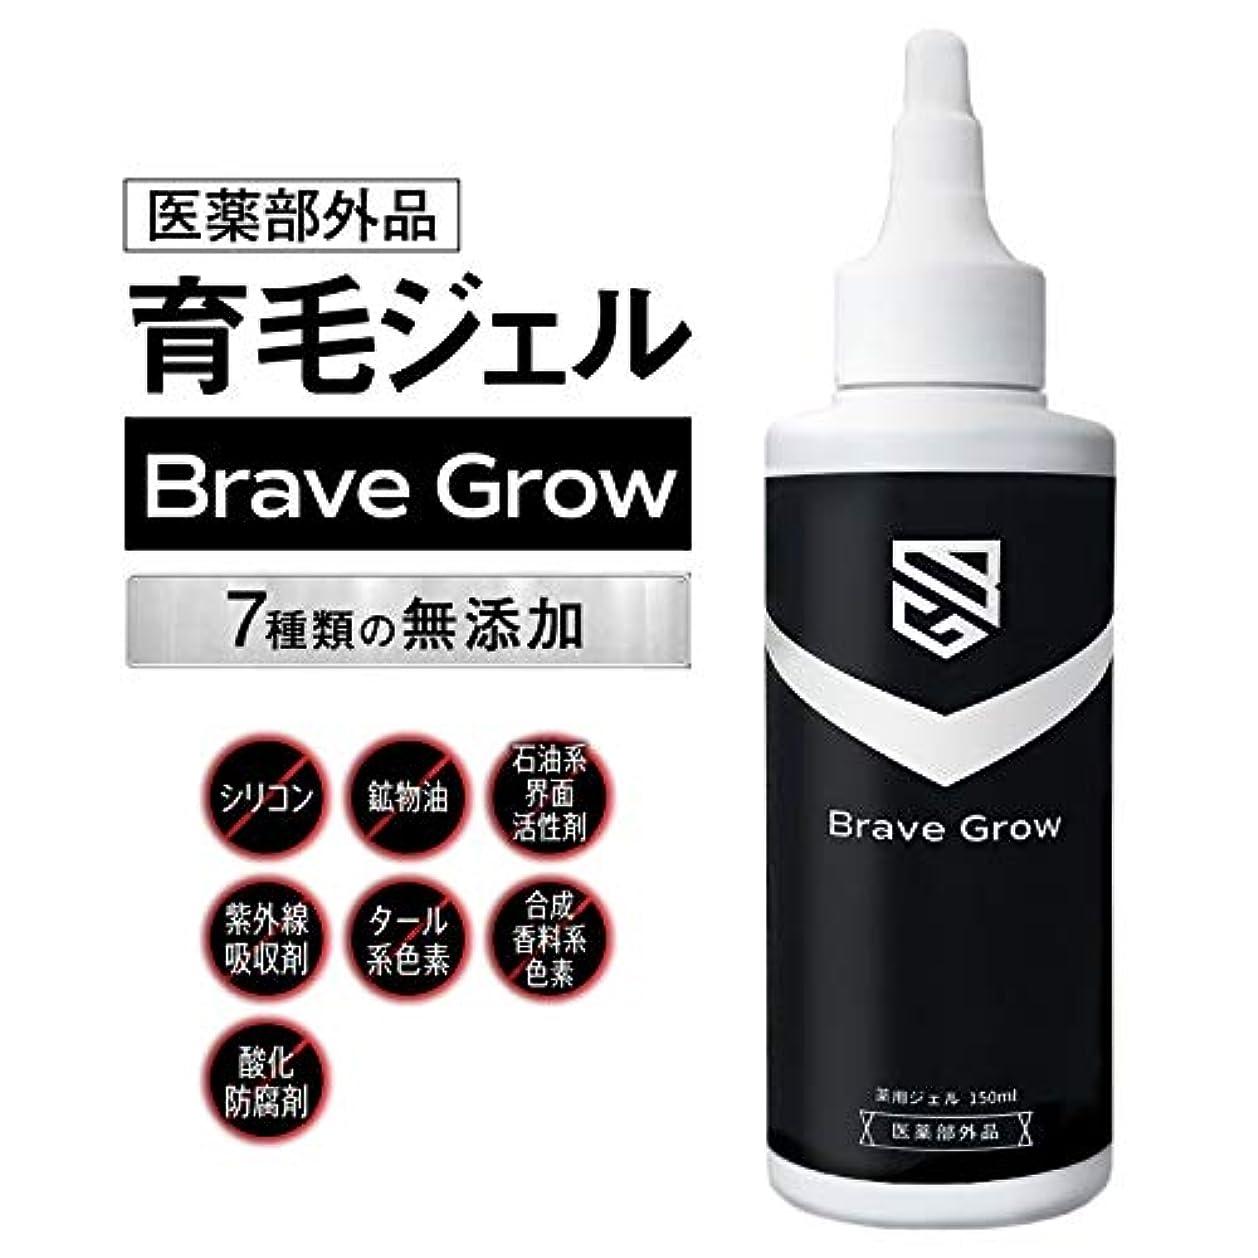 神秘的な矢印疫病育毛剤 BraveGrow ブレイブグロー 150ml 【医薬部外品】ジェルタイプ 男性